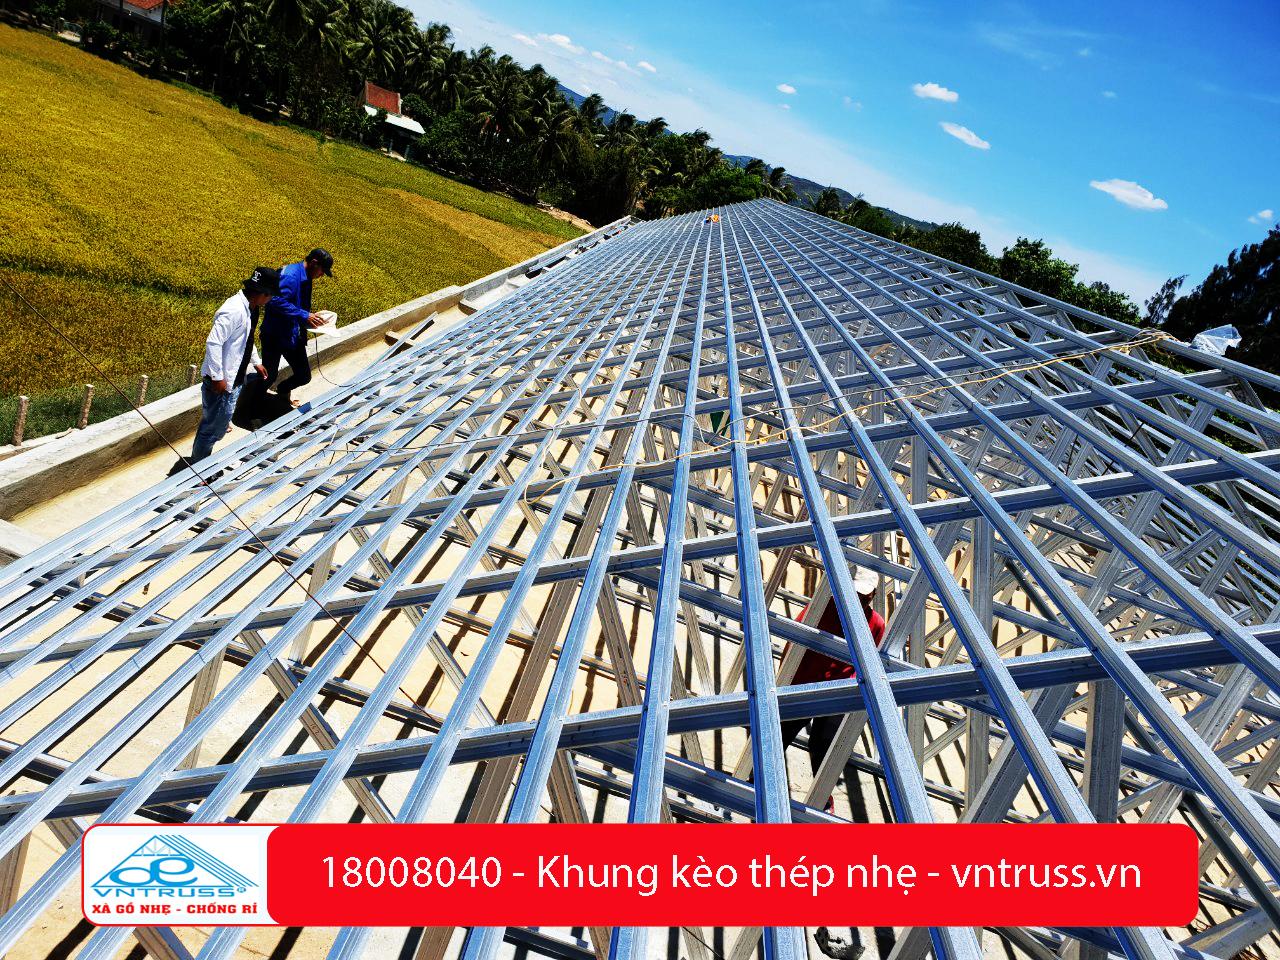 Trường Tam Quan Bắc Hoài Nhơn Bình Định Dùng Thép Mạ Hợp Kim Nhôm Kẽm VNTRUSS